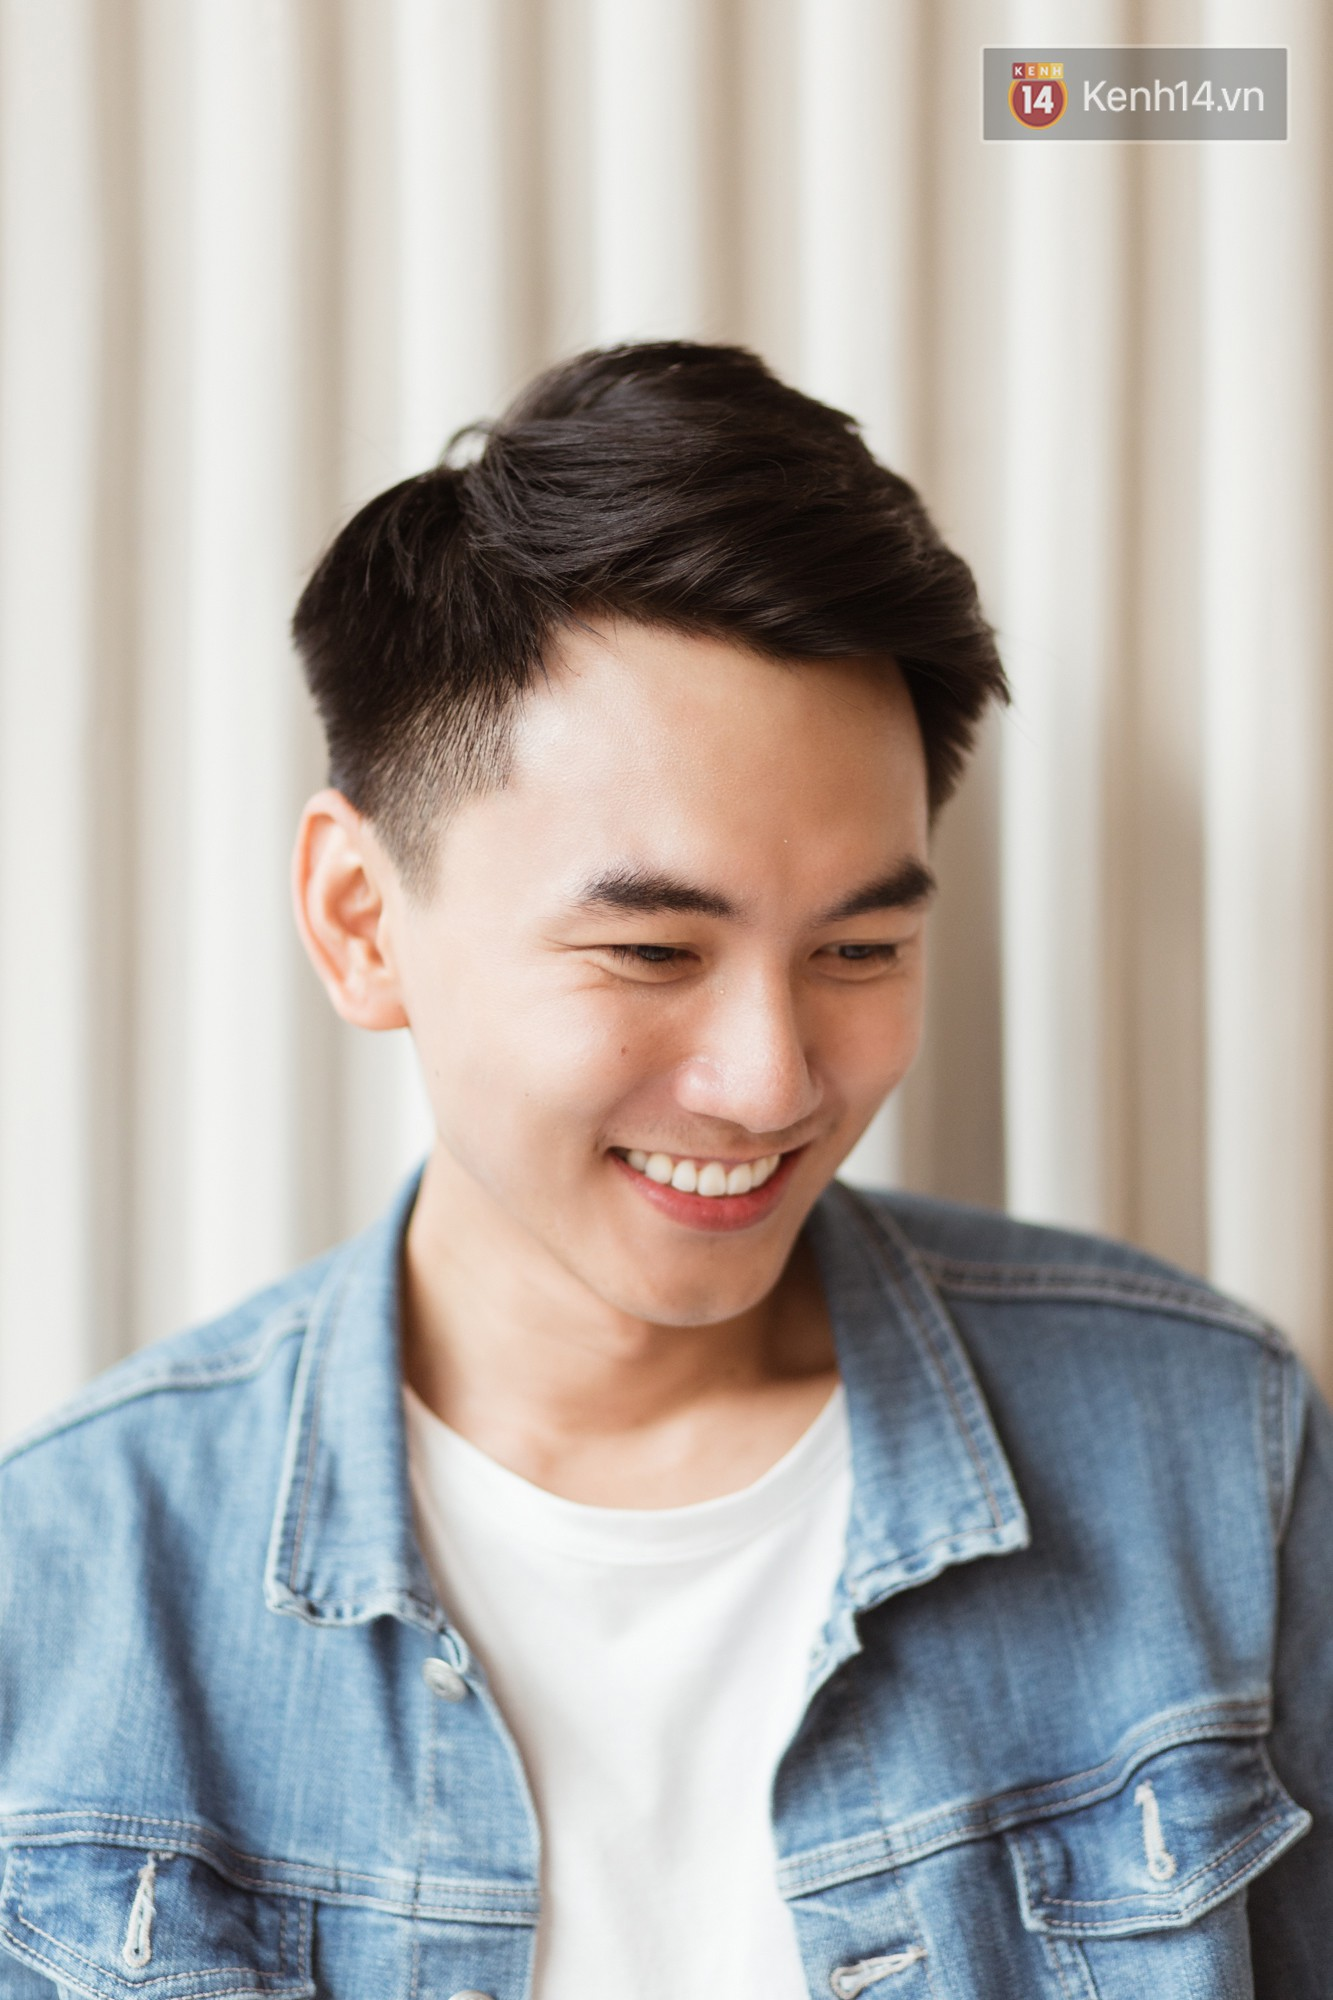 Blogger điển trai Khoai Lang Thang tiết lộ từng bị lừa tiền năm 18 tuổi, giàu hơn rất nhiều khi bỏ nghề kỹ sư để làm du lịch - Ảnh 7.